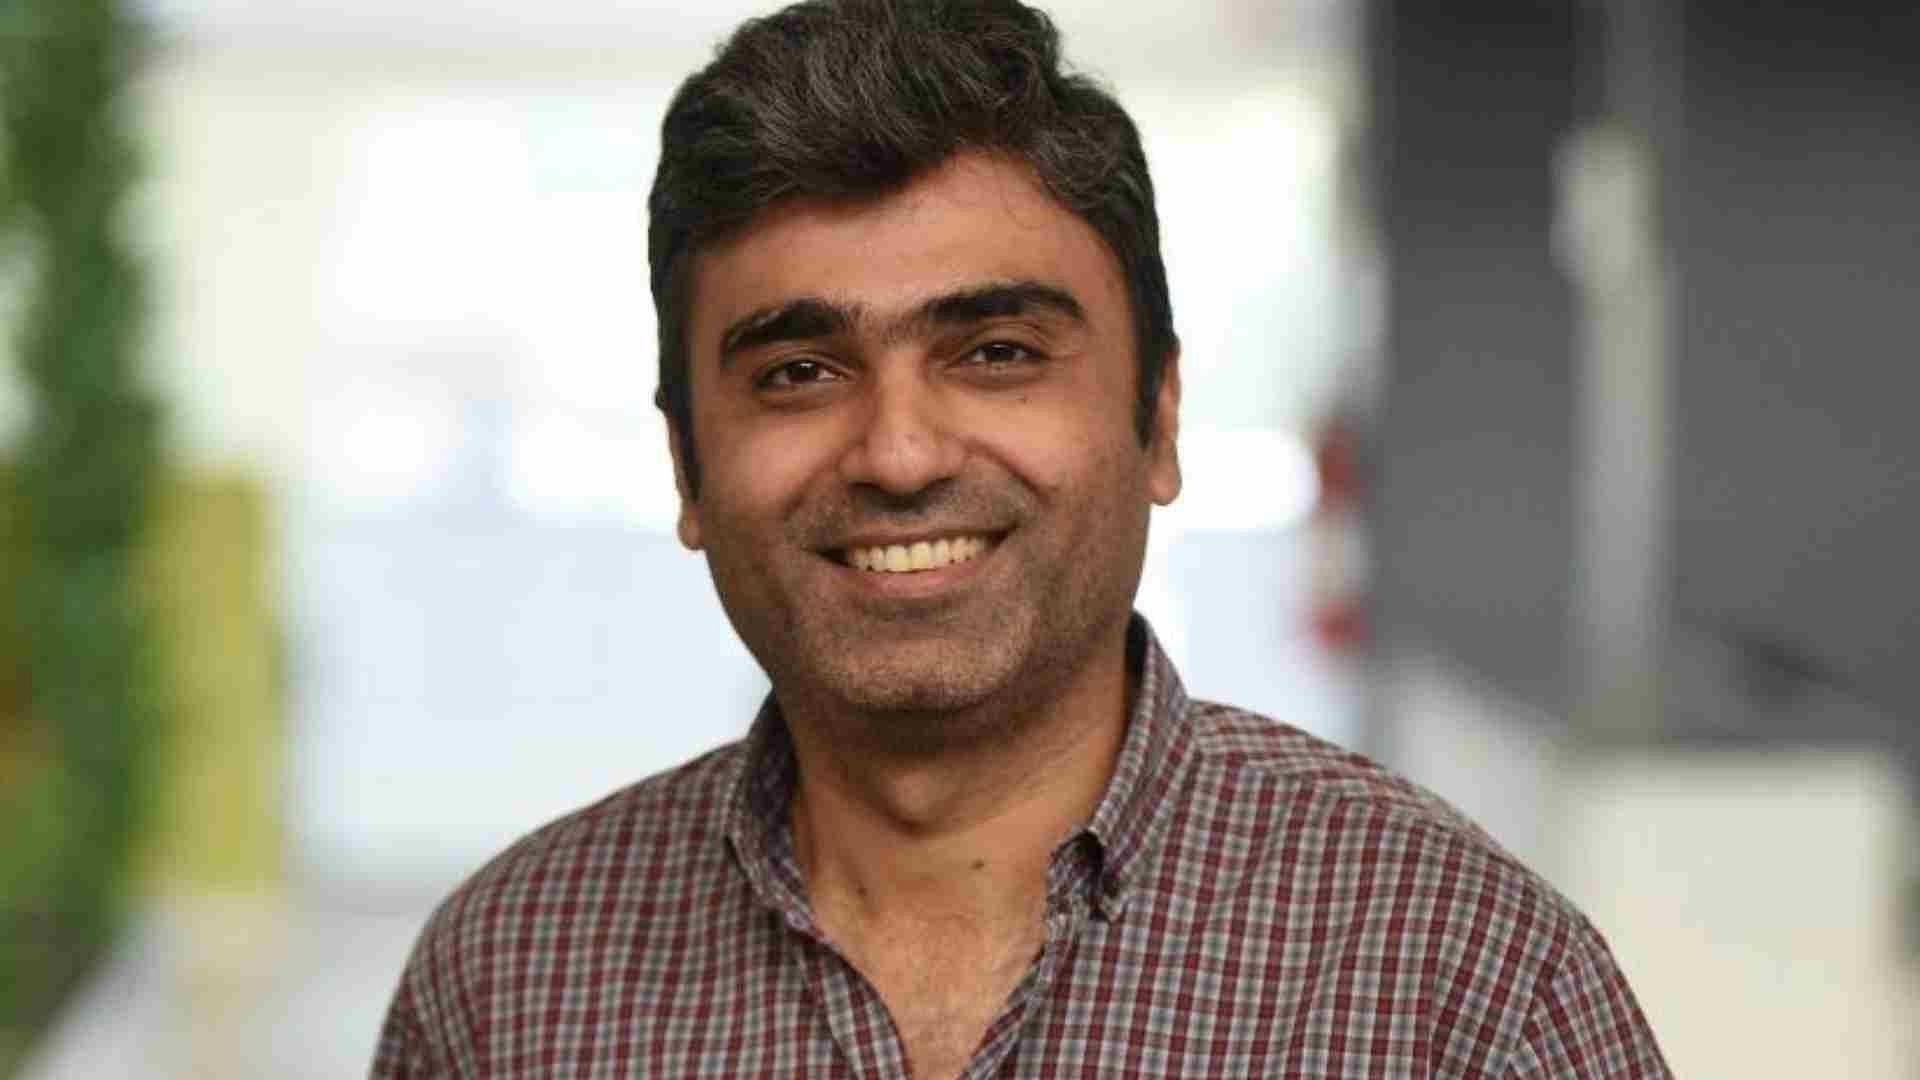 Sujay Rachh?blur=25